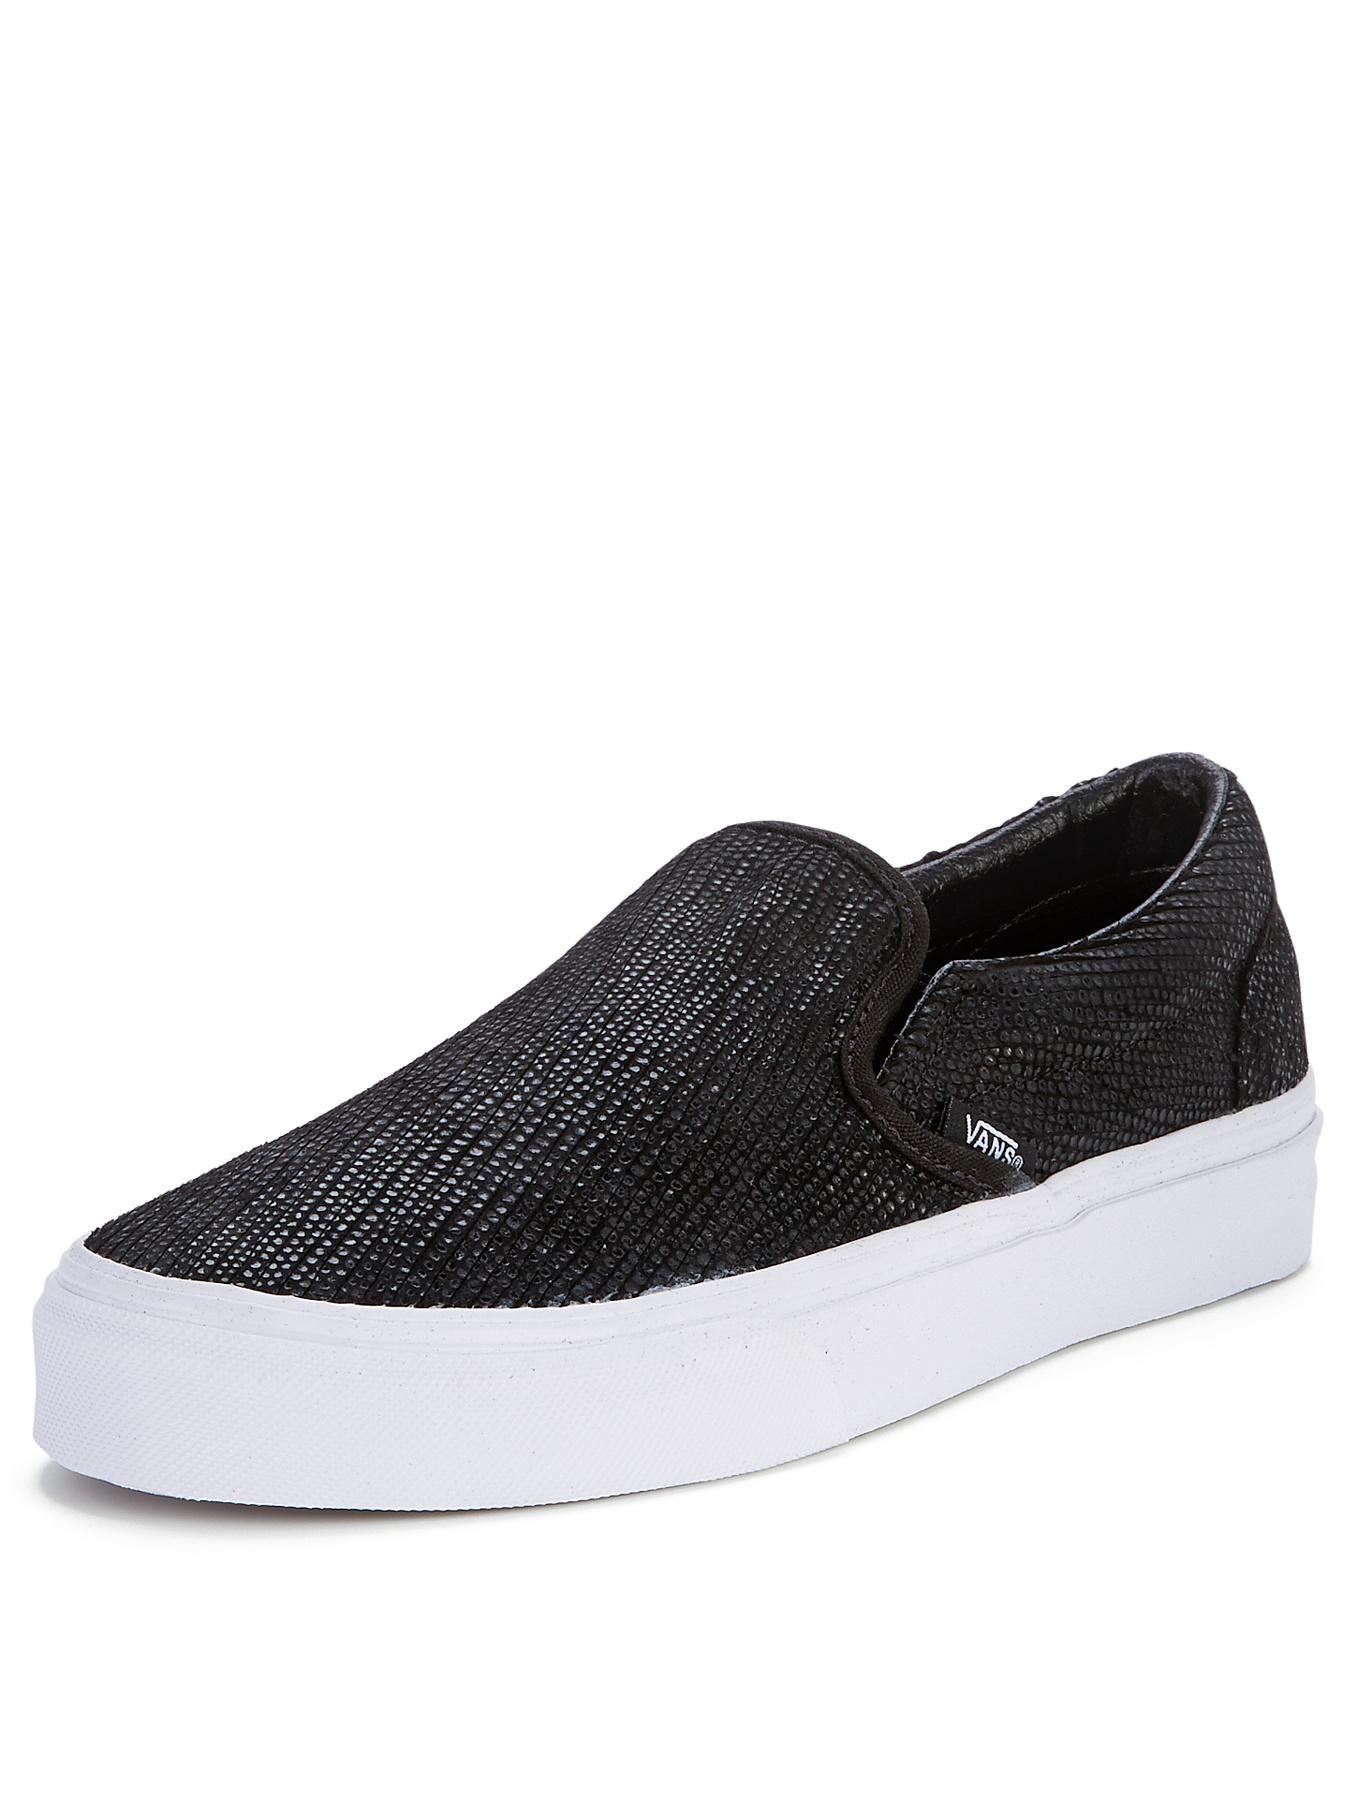 Vans Classic Slip-On Snake Plimsolls - Black, Black